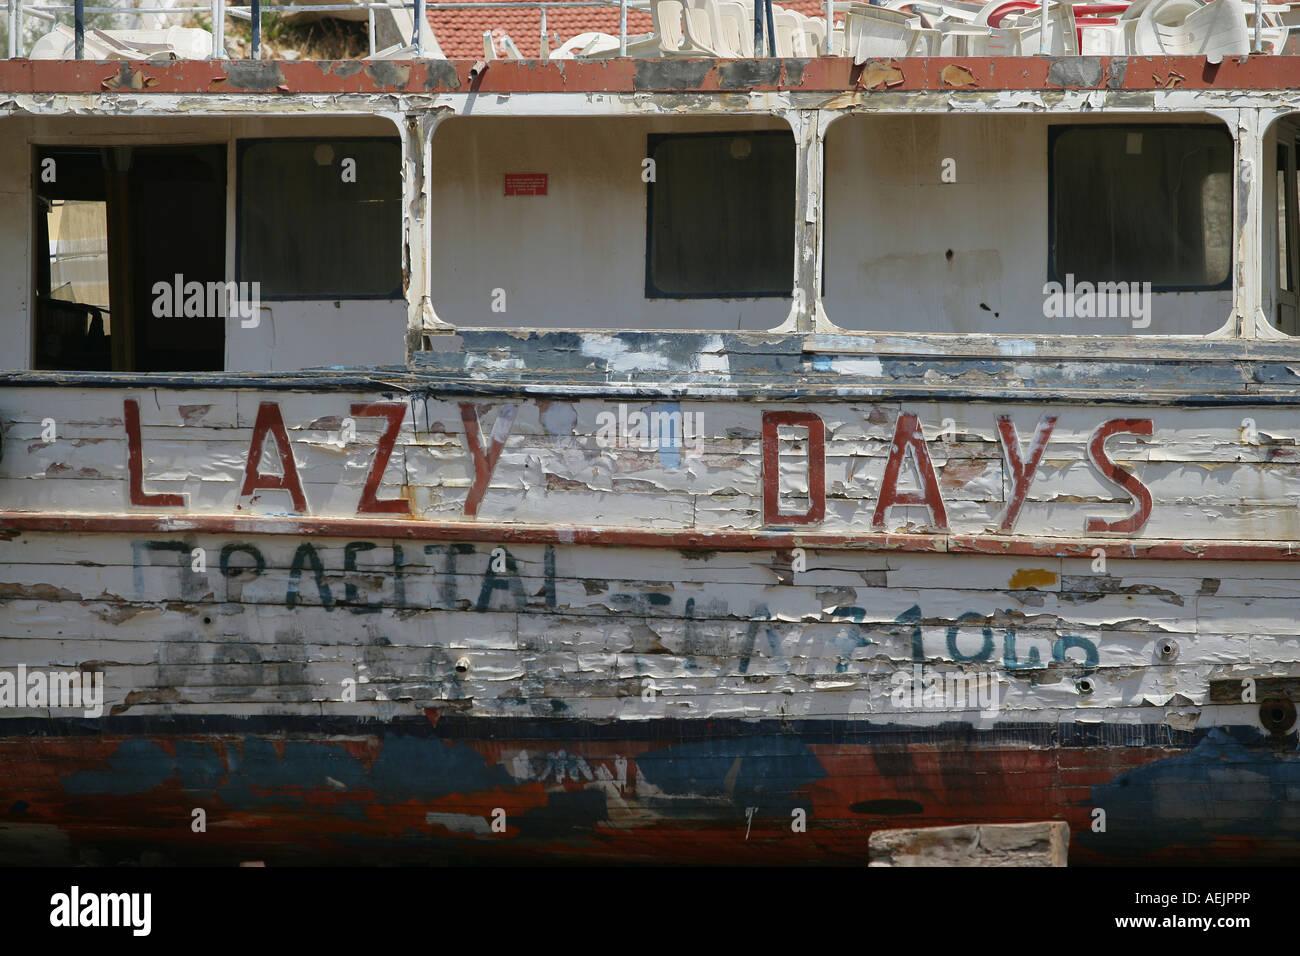 """Shipwreck """"Lazy Days"""" Stock Photo"""